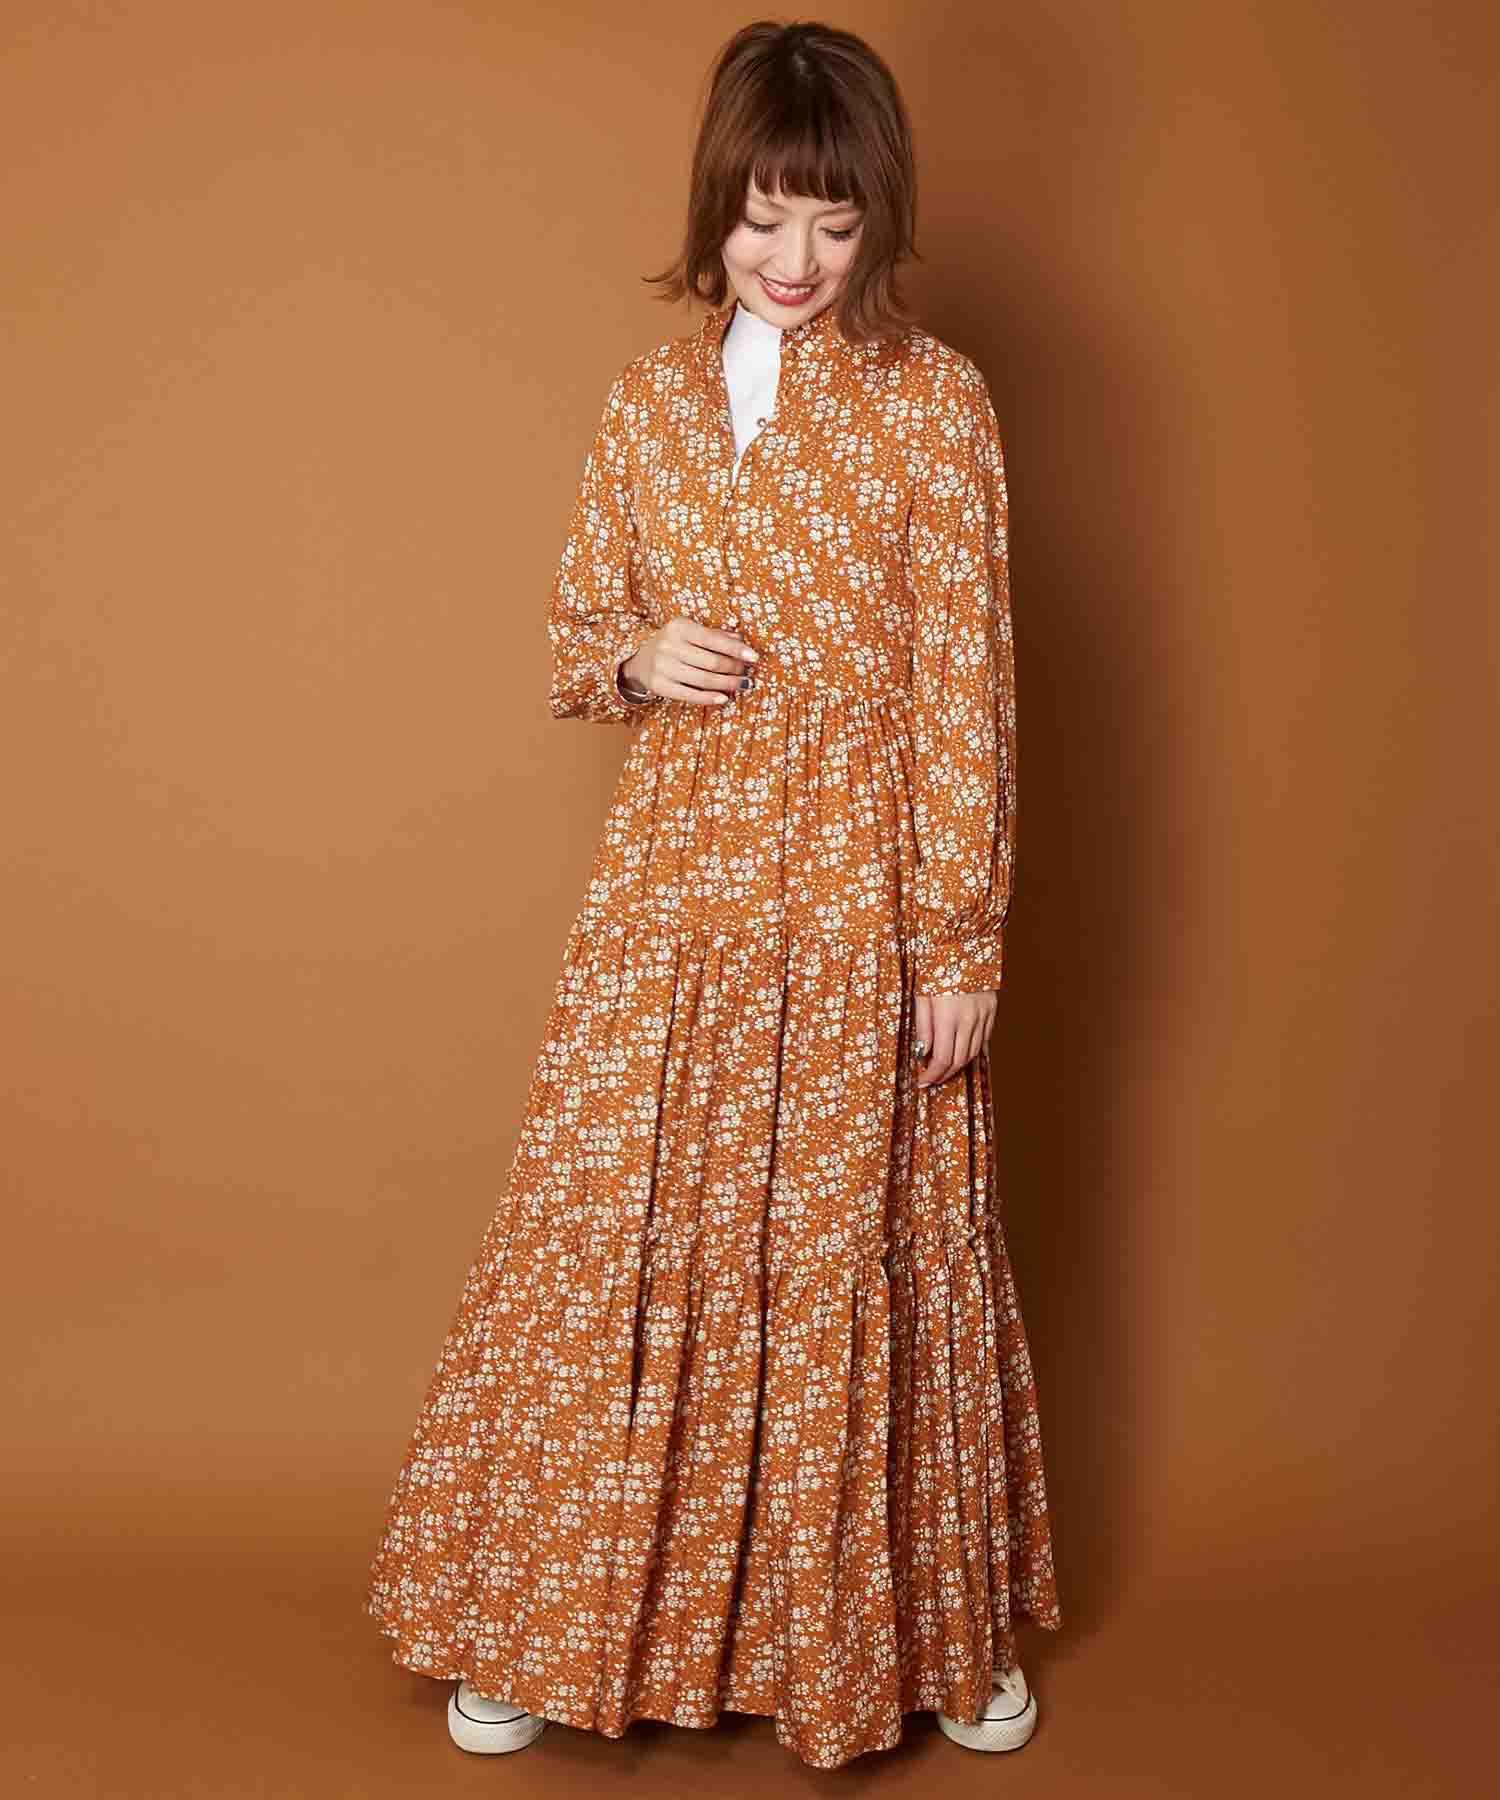 アメリカンラグシー AMERICAN RAG CIE / ハイネックギャザードレス Highneck Gathered Dress